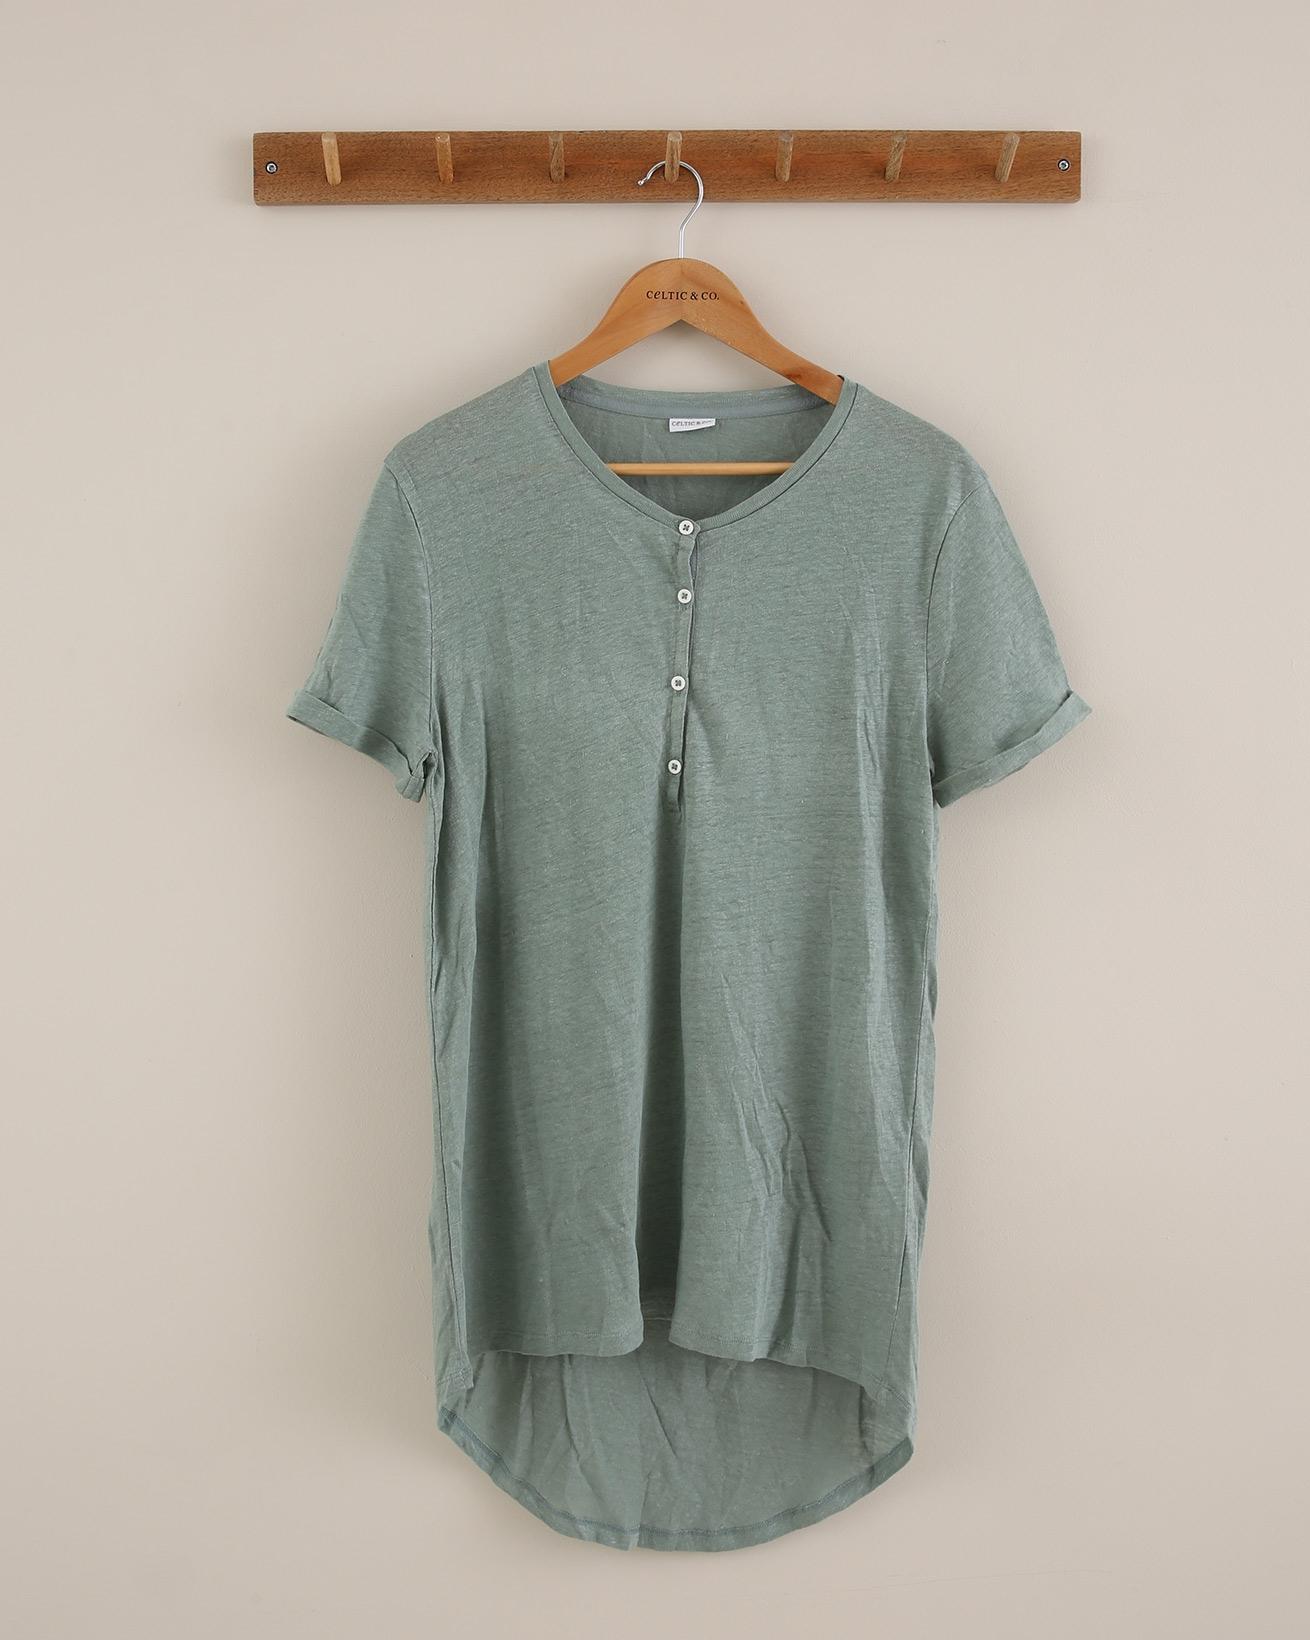 Linen Short Sleeve Henley - Size 14 - Sage Green - 1808